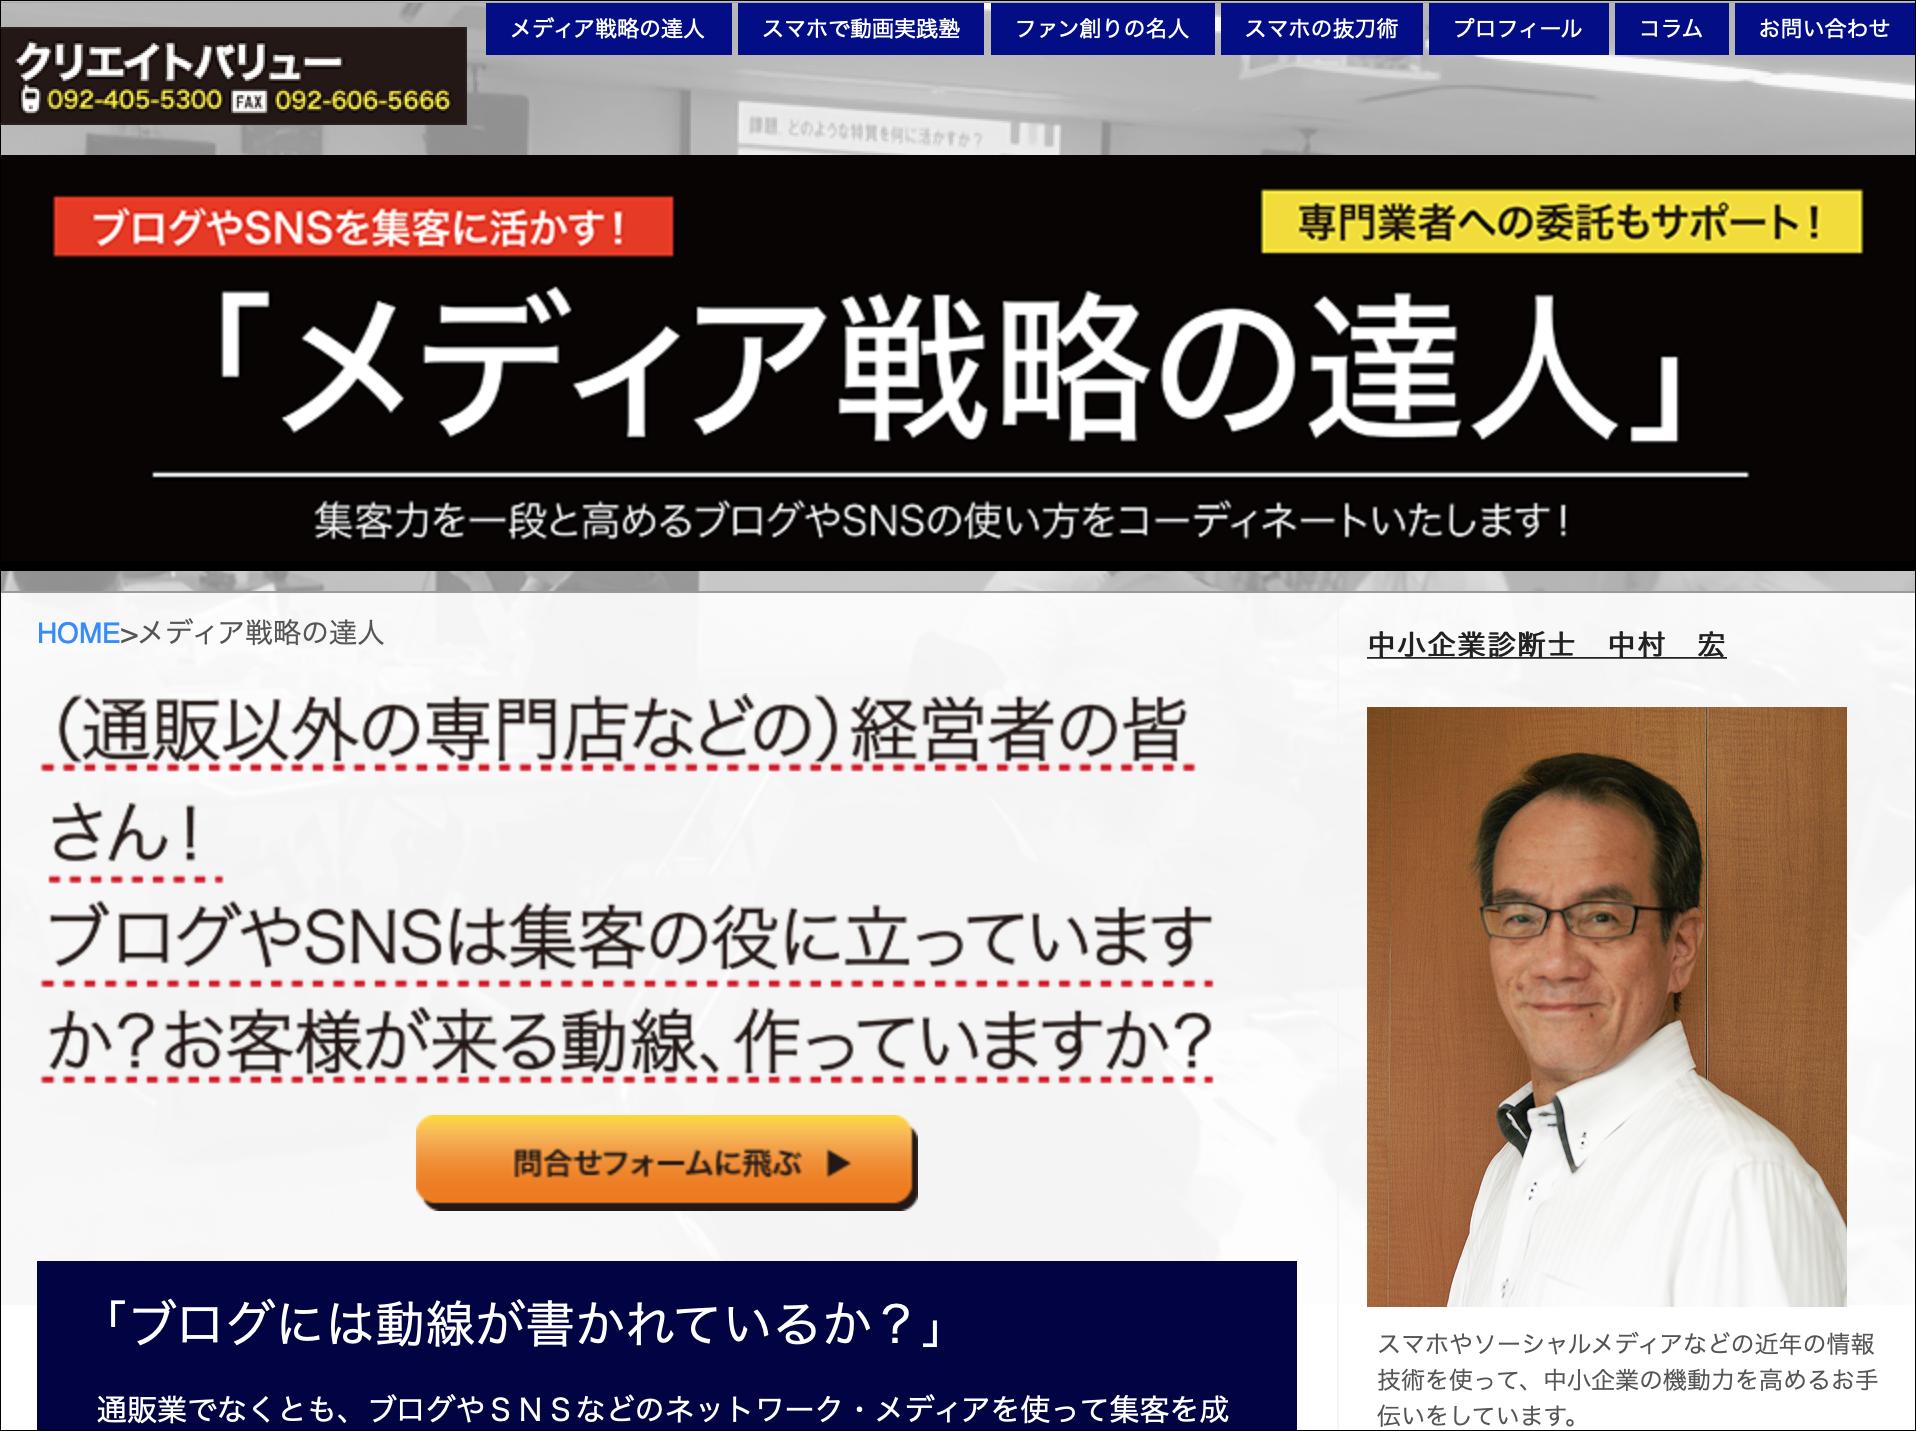 メディア戦略の達人のホームページ